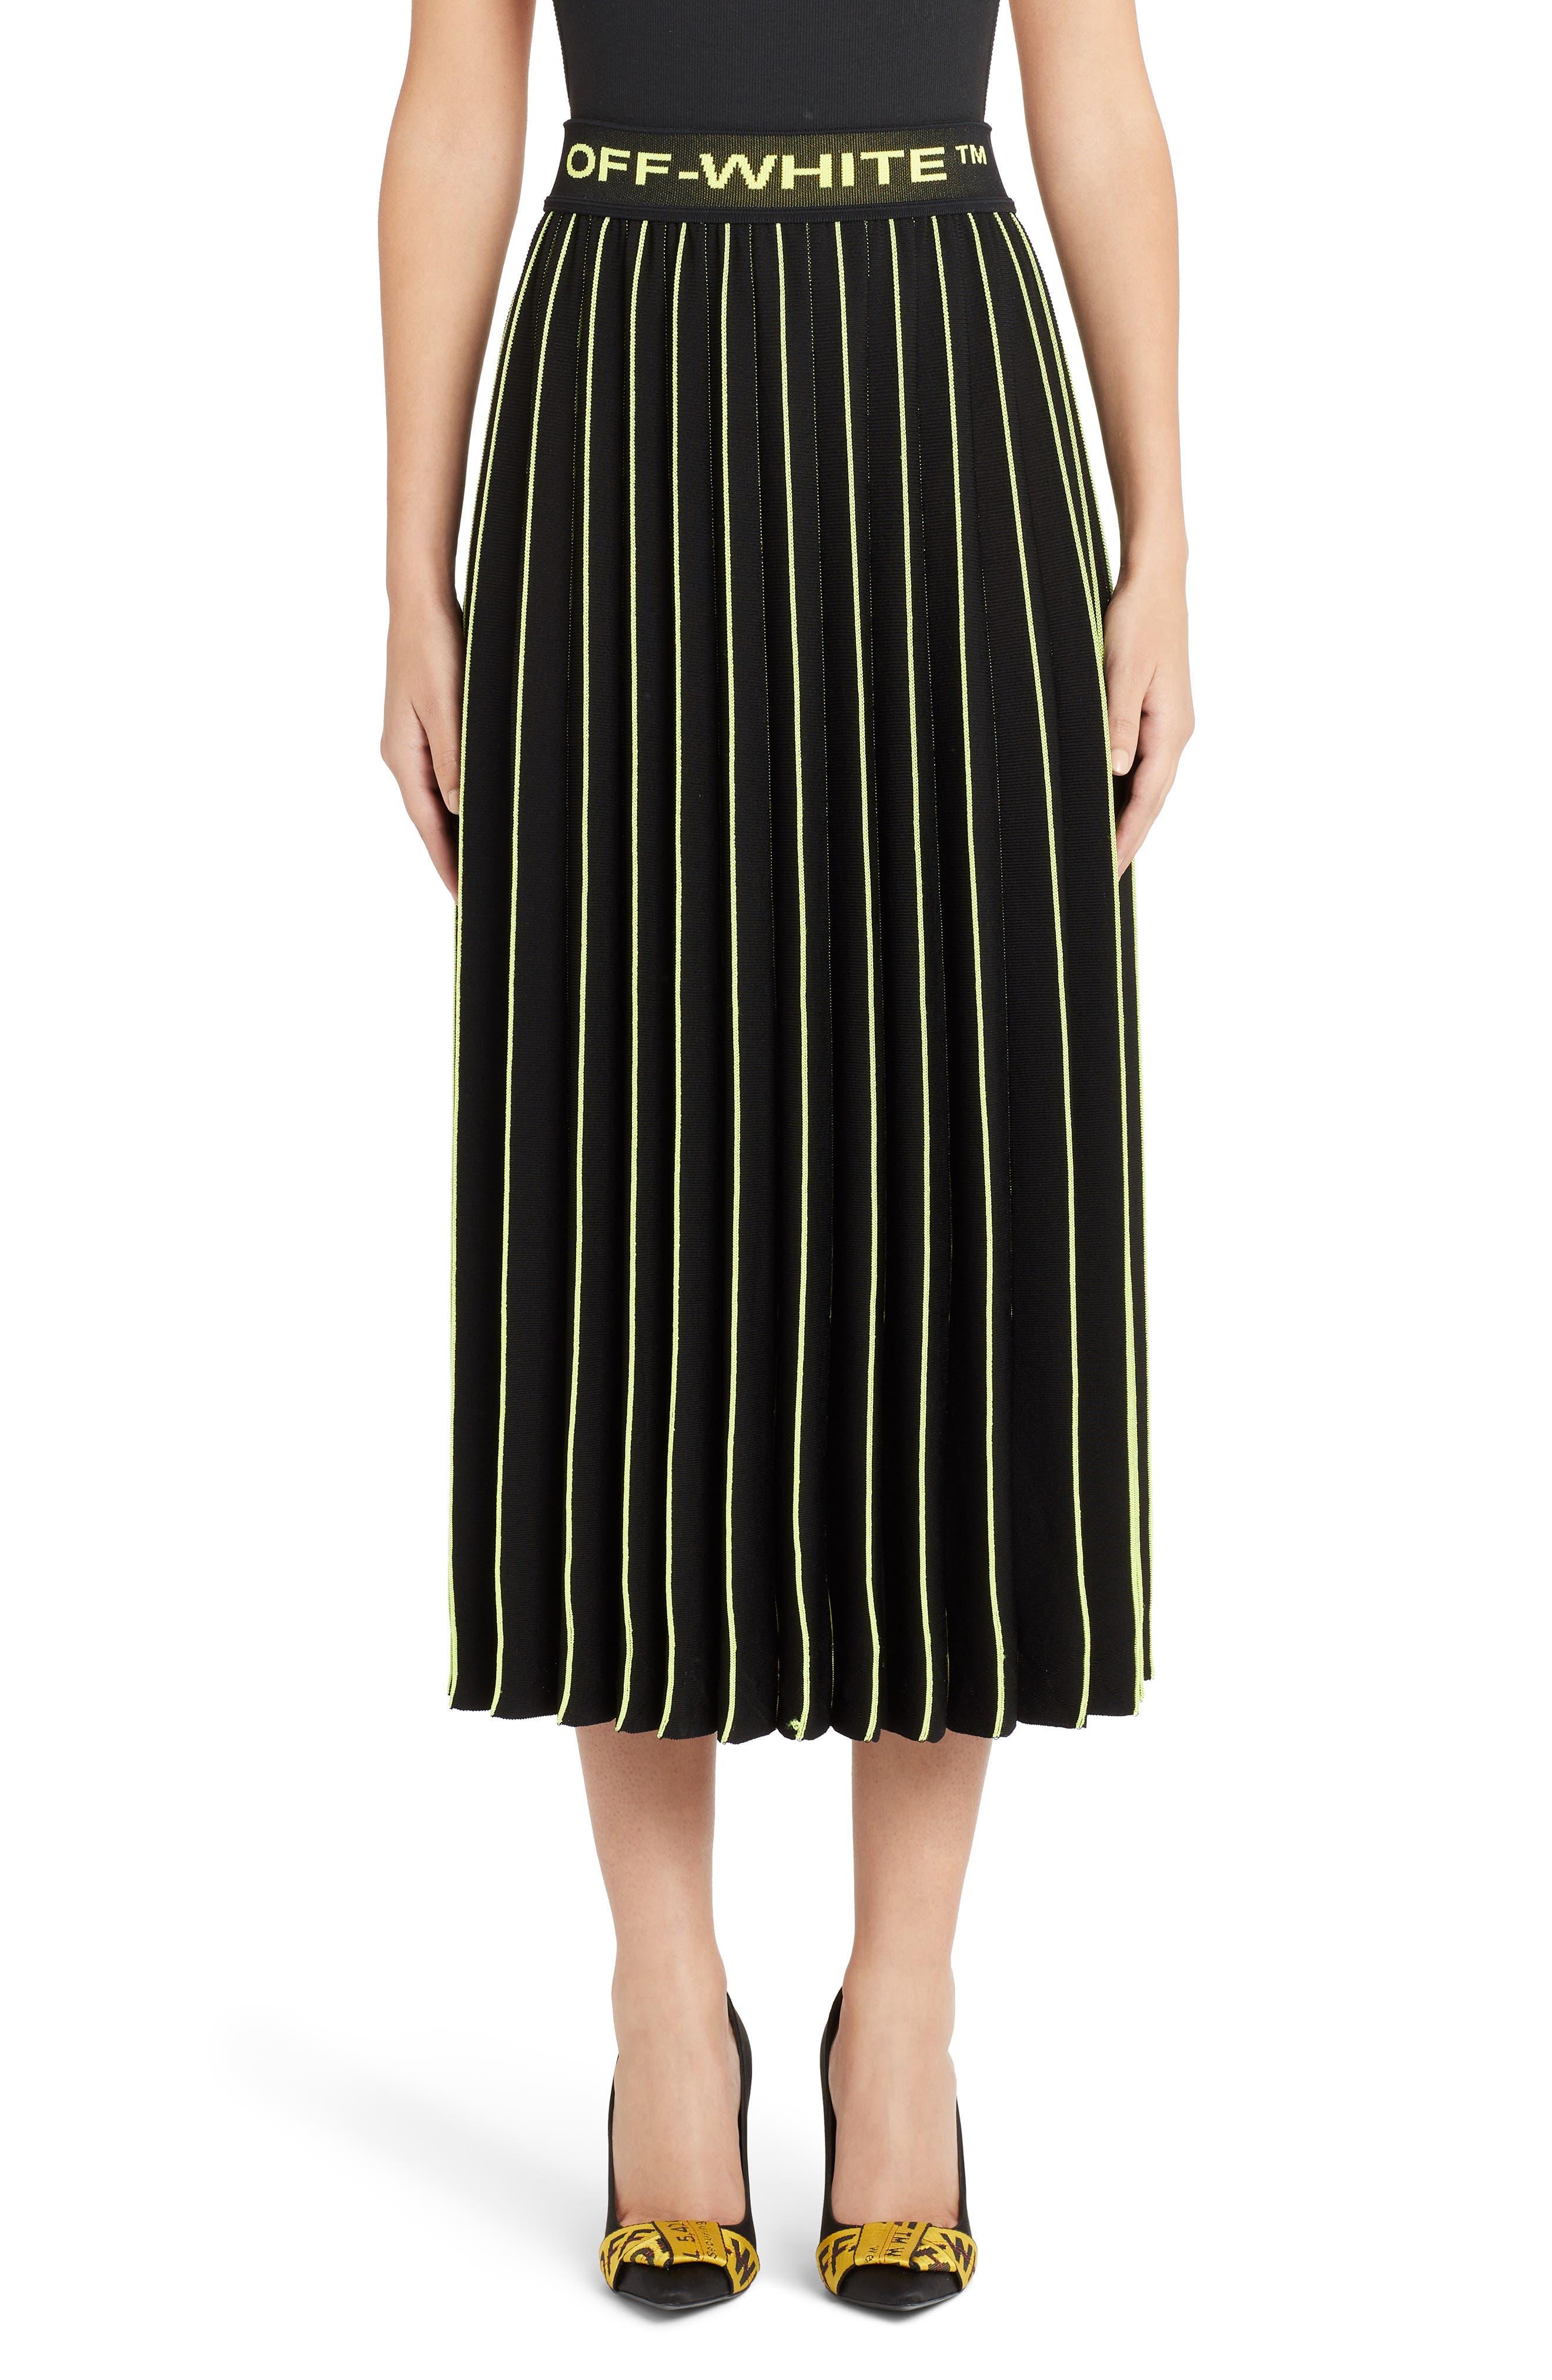 OFF-WHITE Plissé Sweater Skirt, Main, color, BLACK